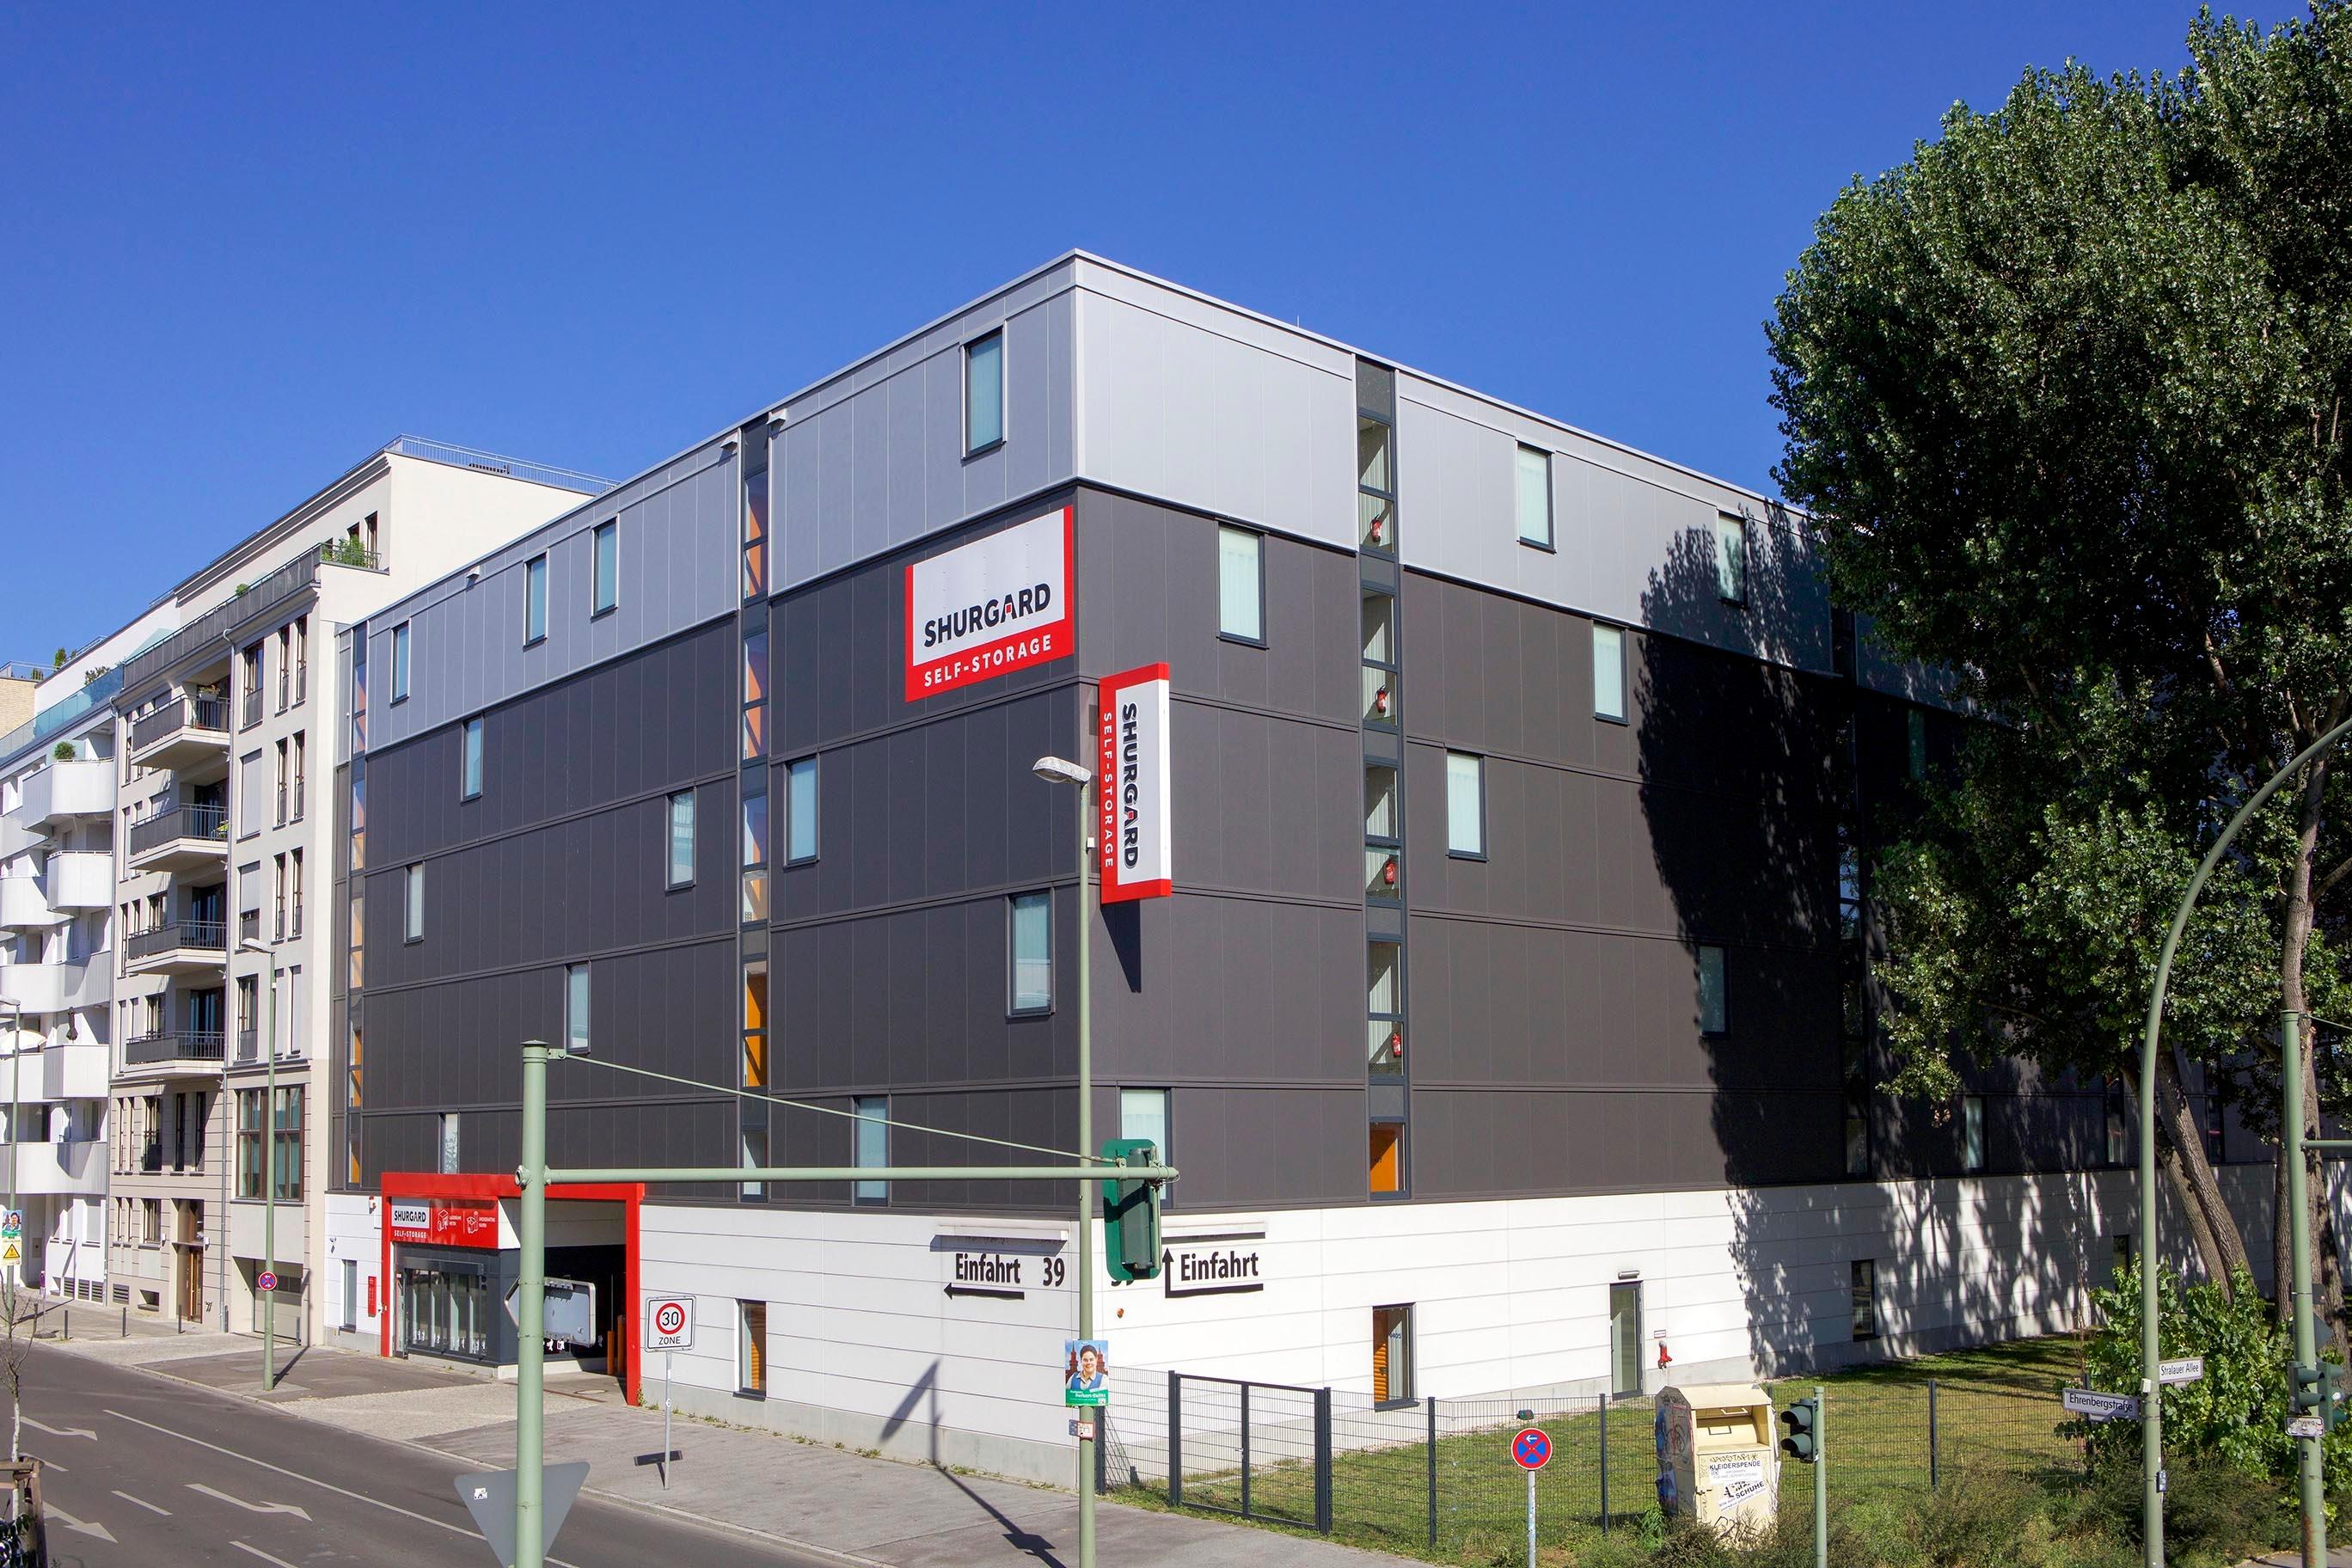 Shurgard Self Storage Berlin Friedrichshain